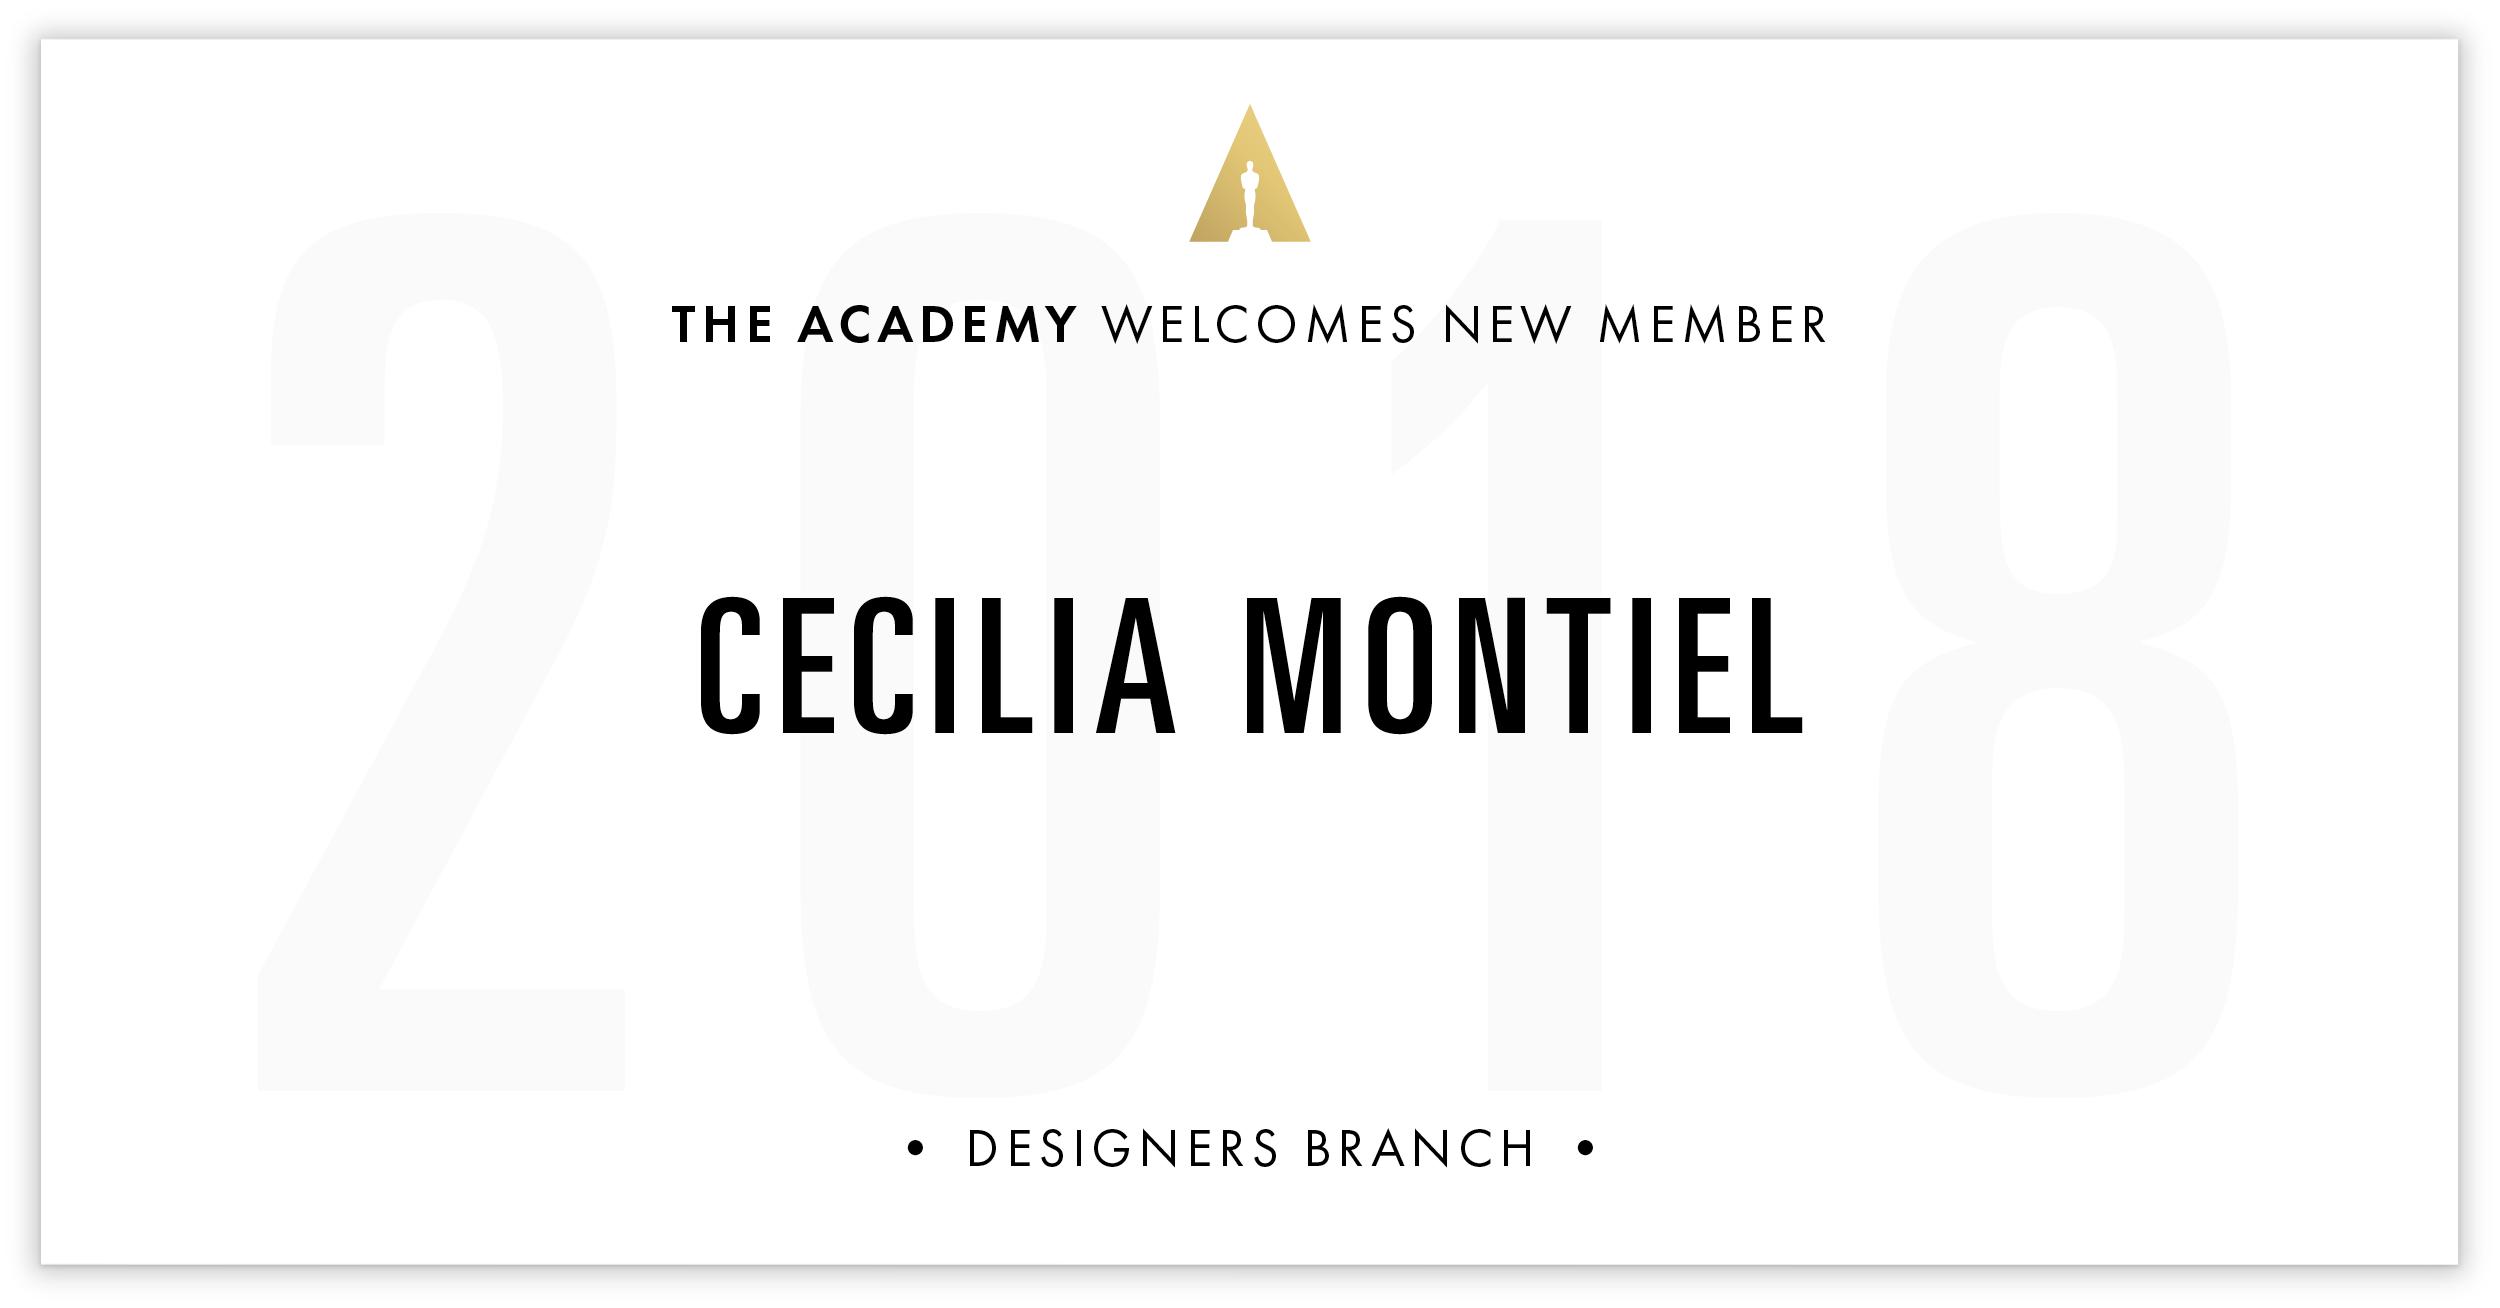 Cecilia Montiel is invited!